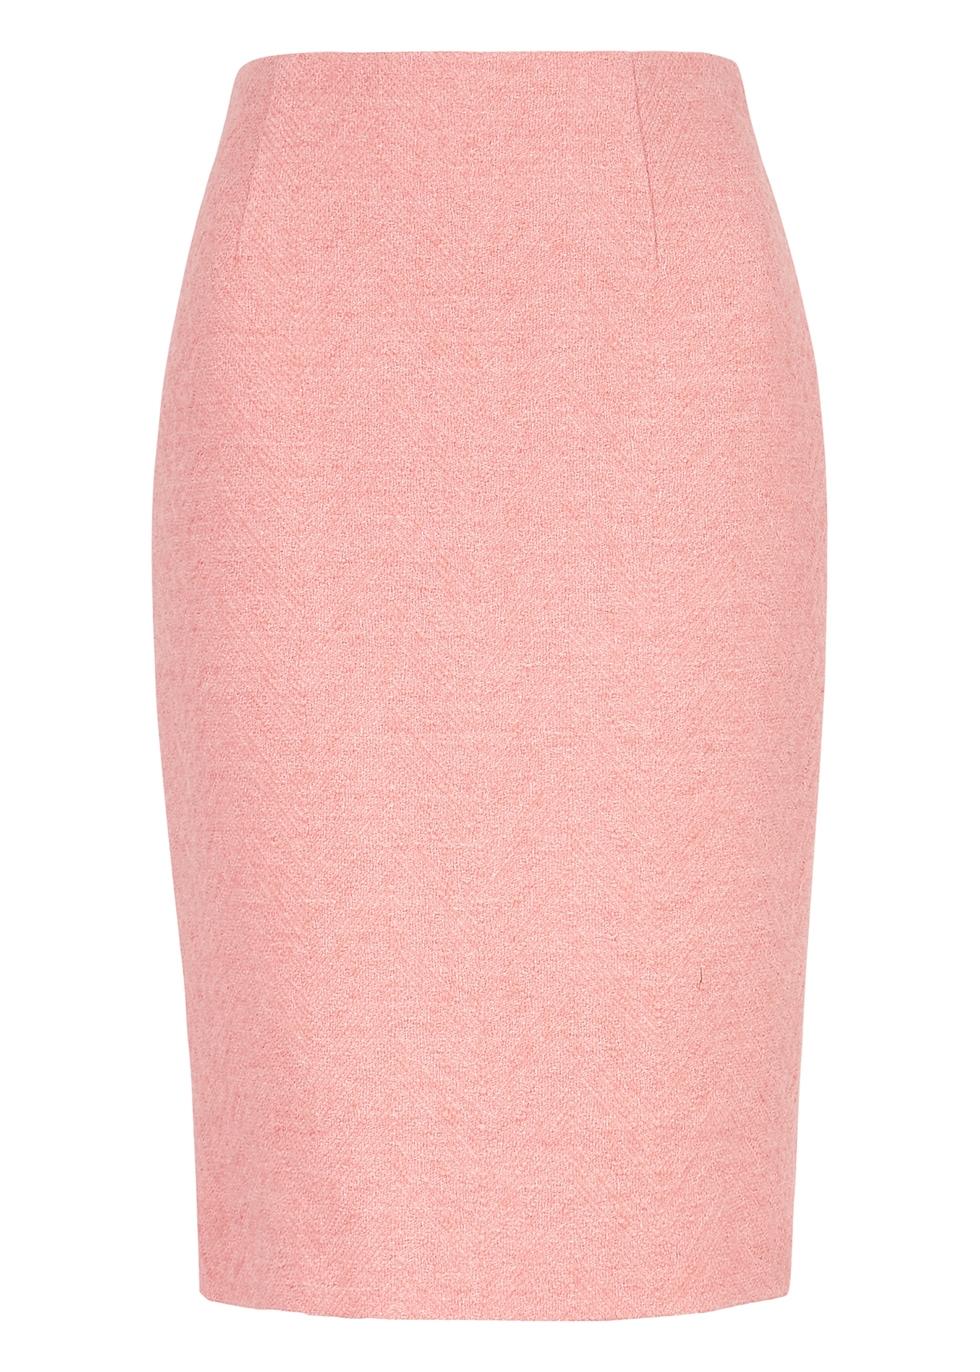 Light pink bouclé-knit skirt